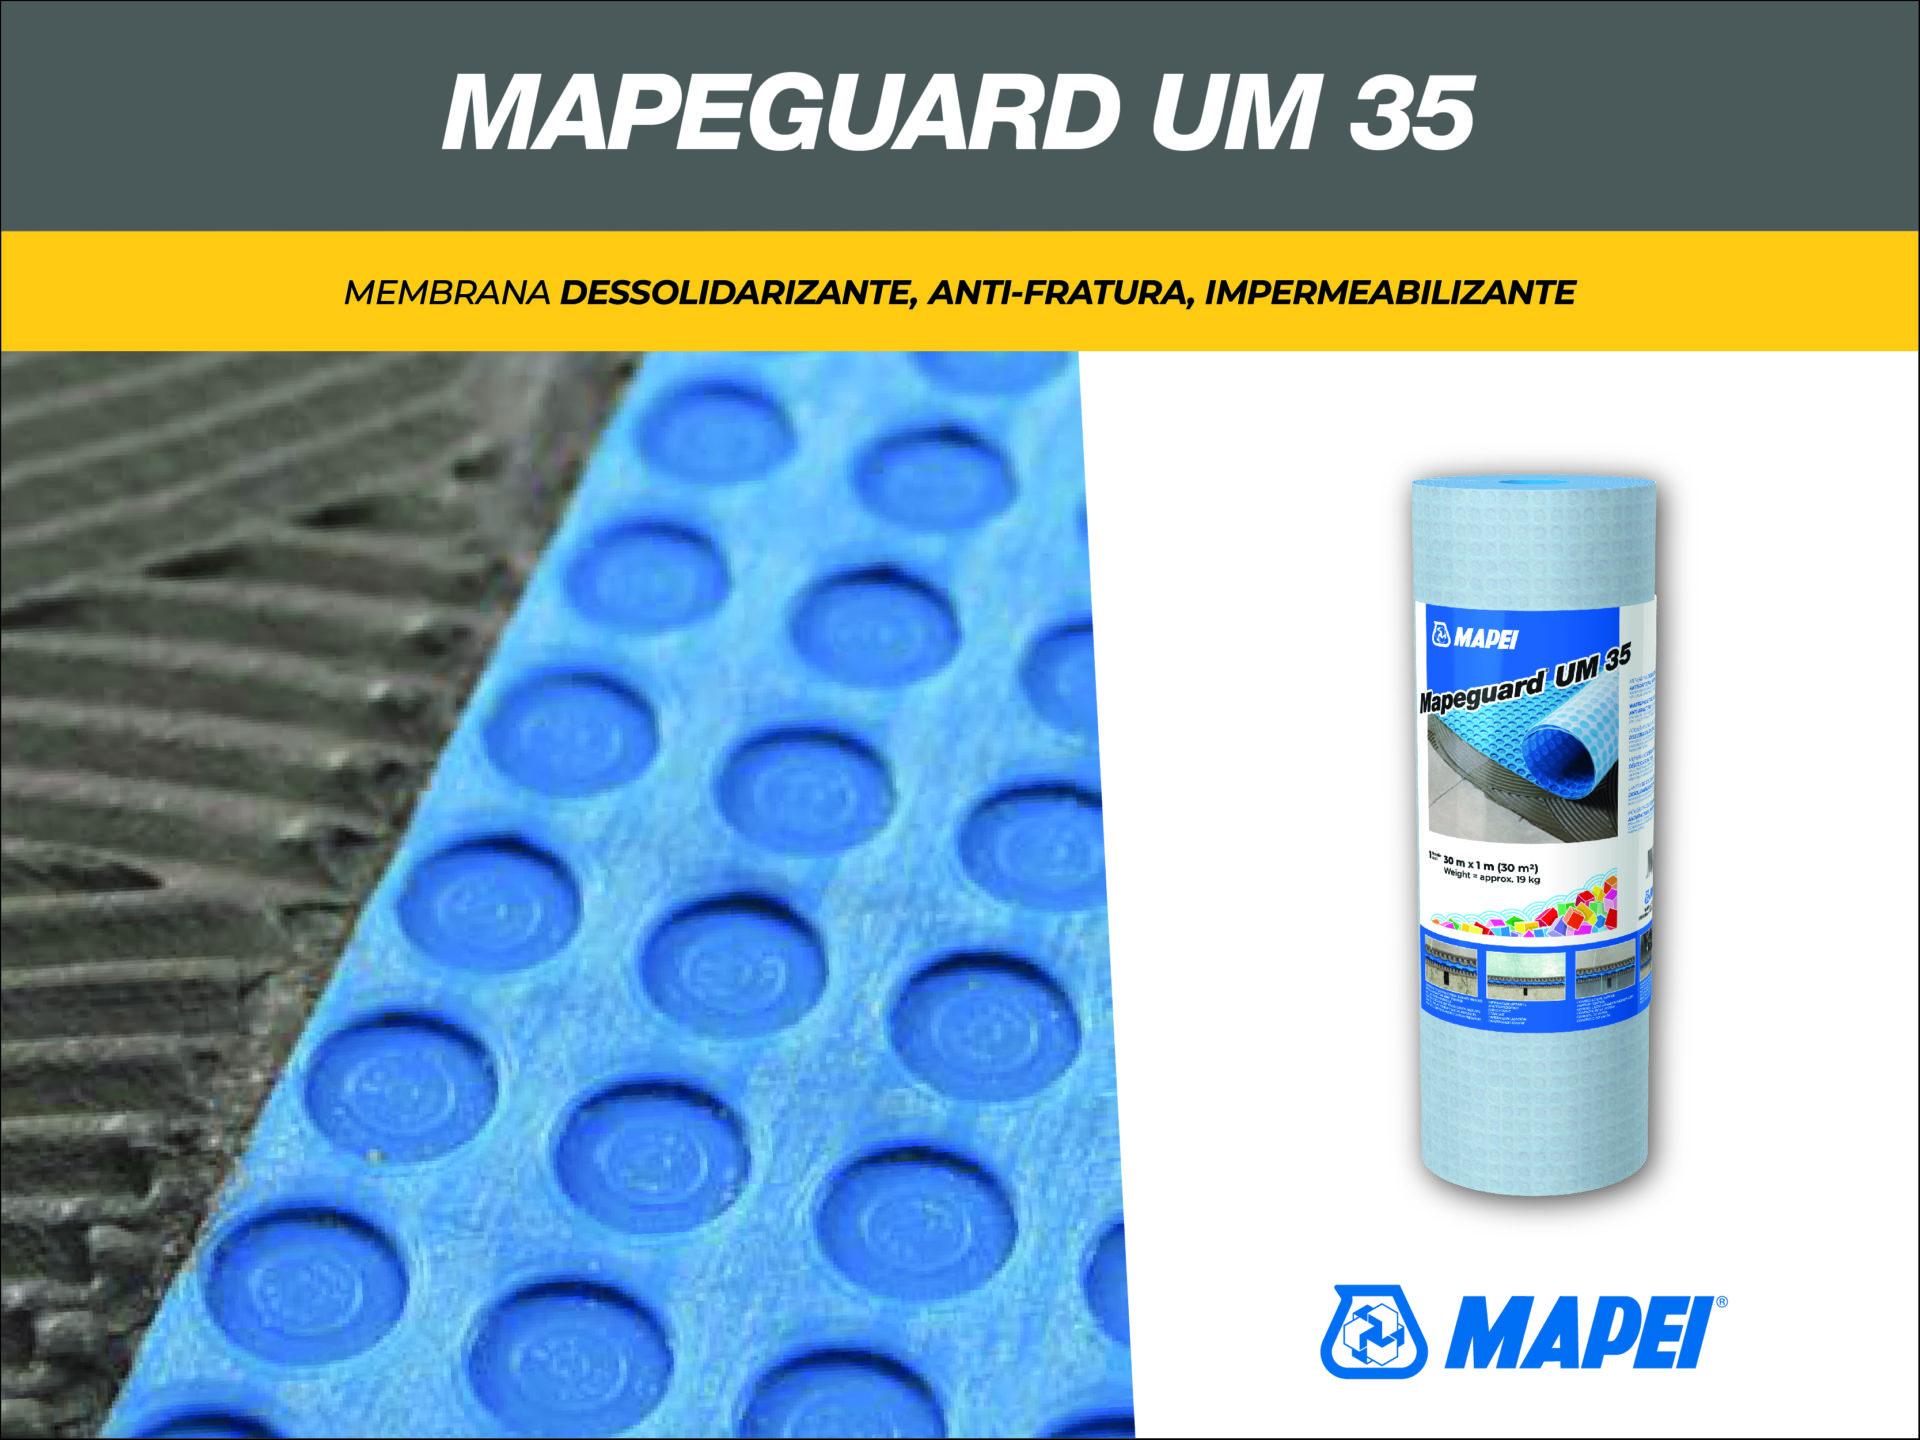 Mapeguard UM 35